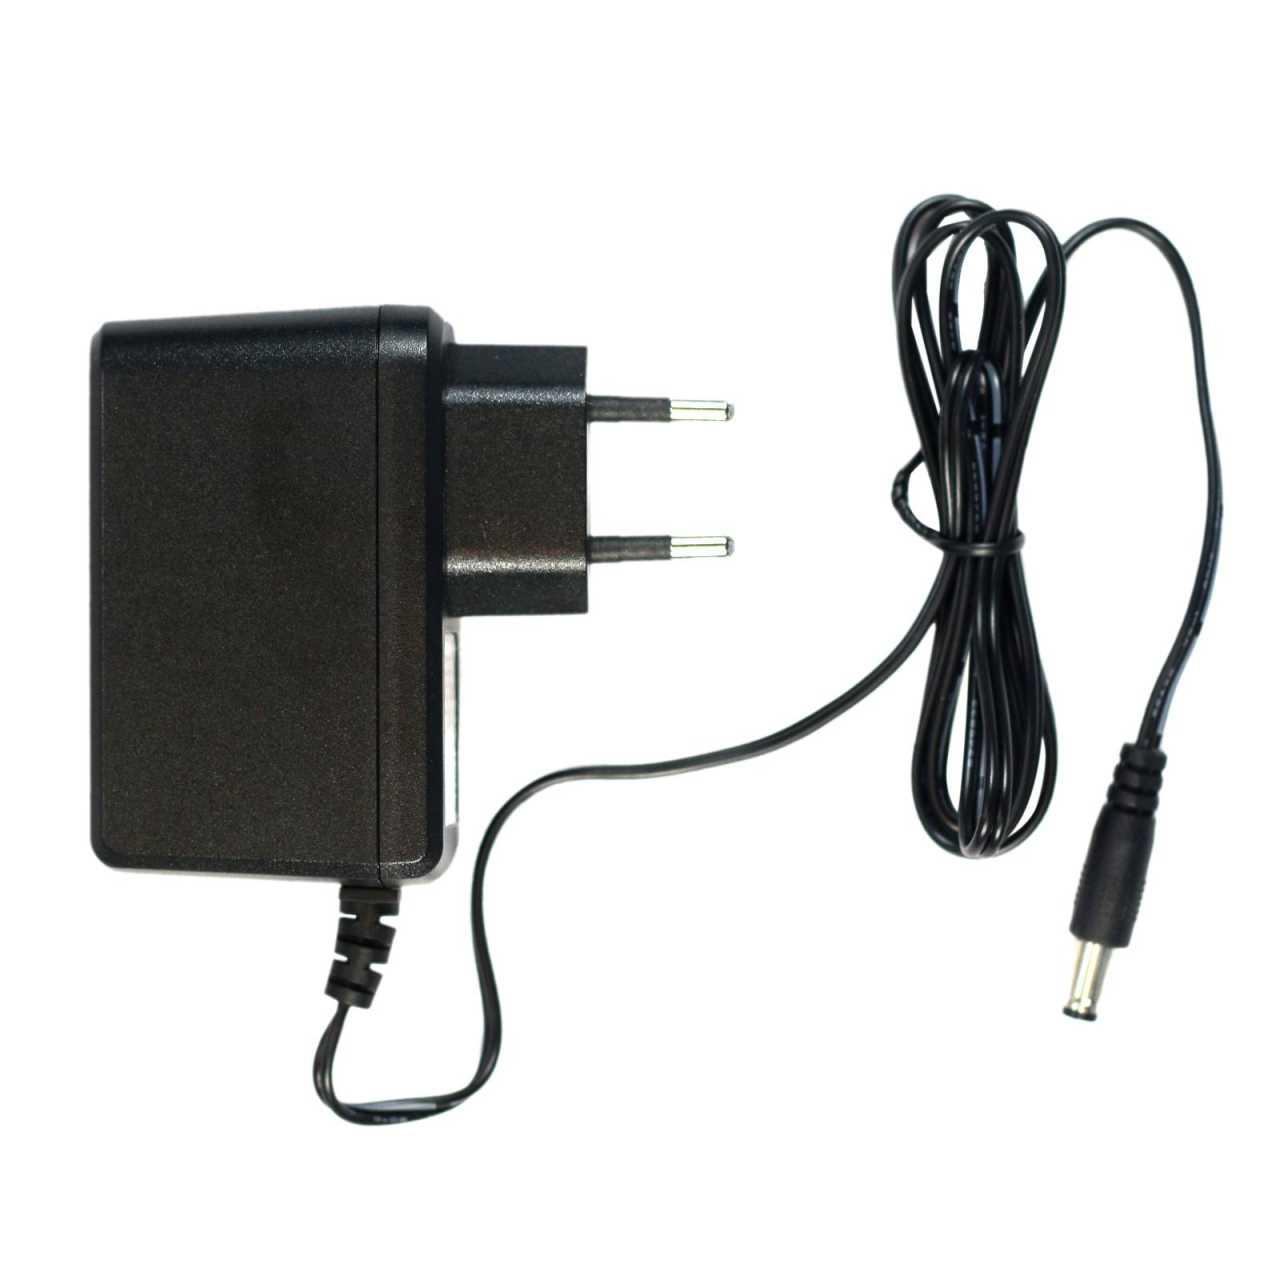 Netzteil Power Supply für Vuga Viark Combo und Sat und Viark Droi Receiver VUGZUB005